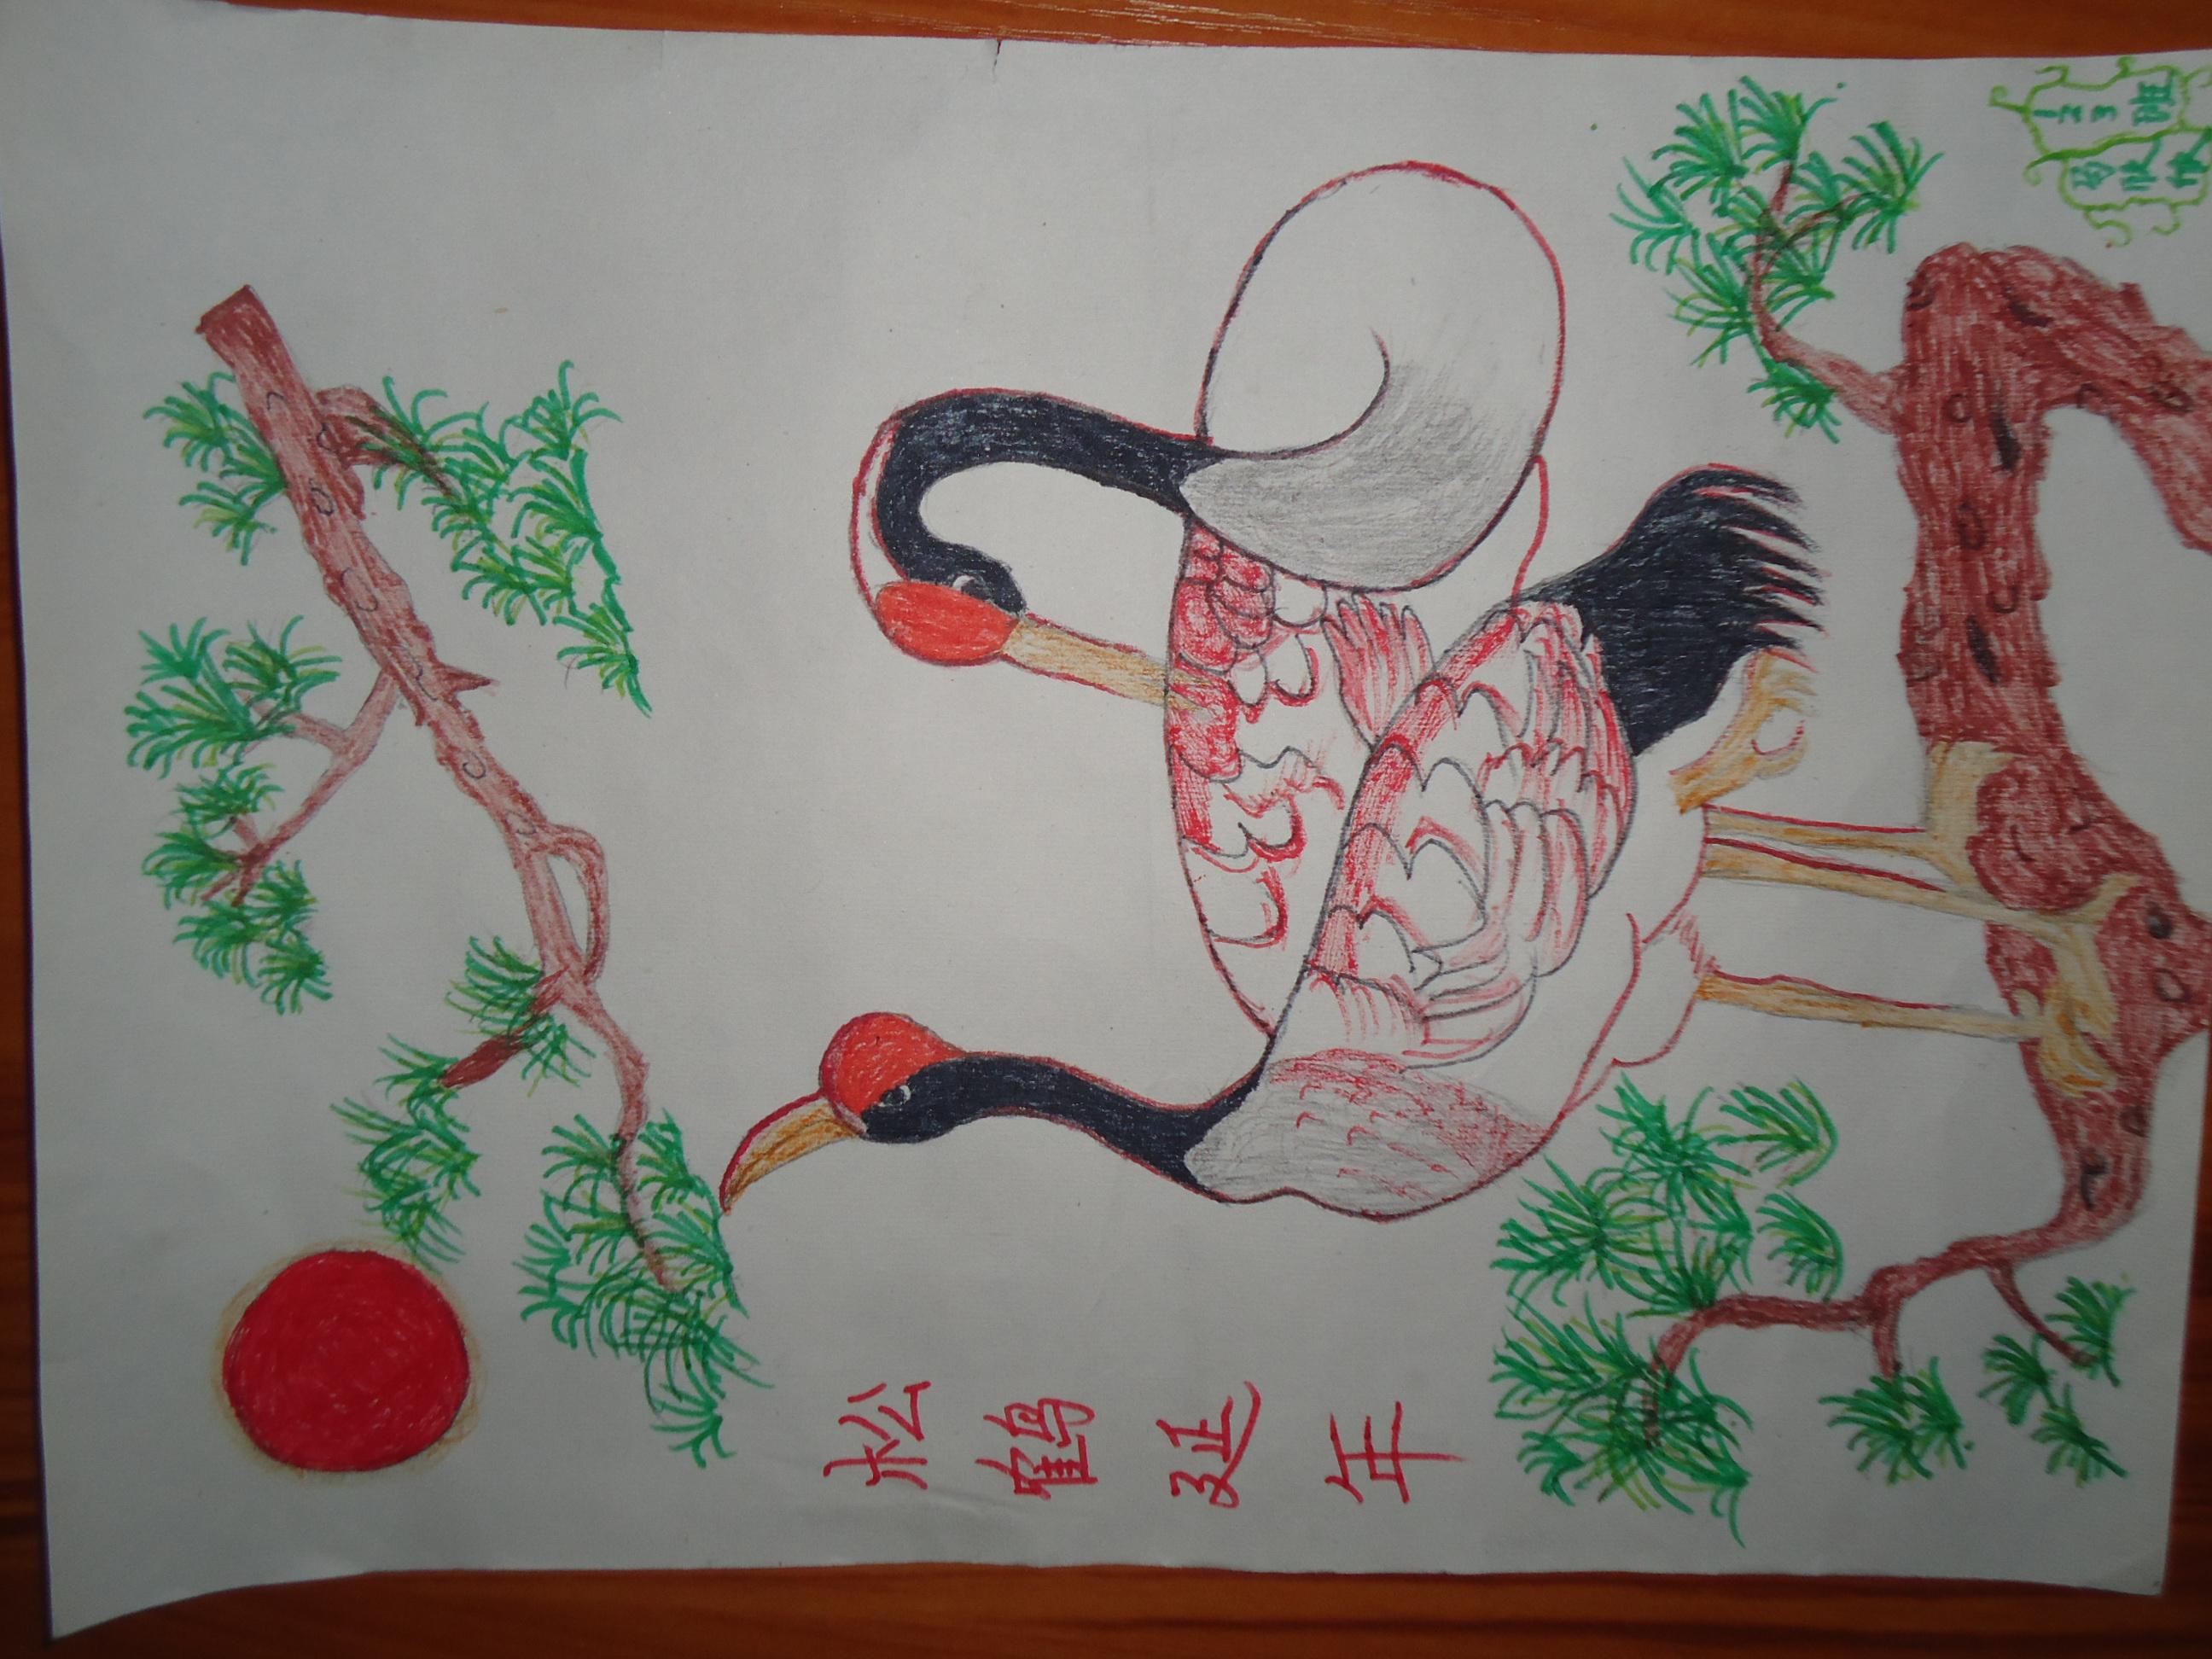 关于中华魂的初中作文答:中华魂中国一个伟大的国家,中华民族是令人图片